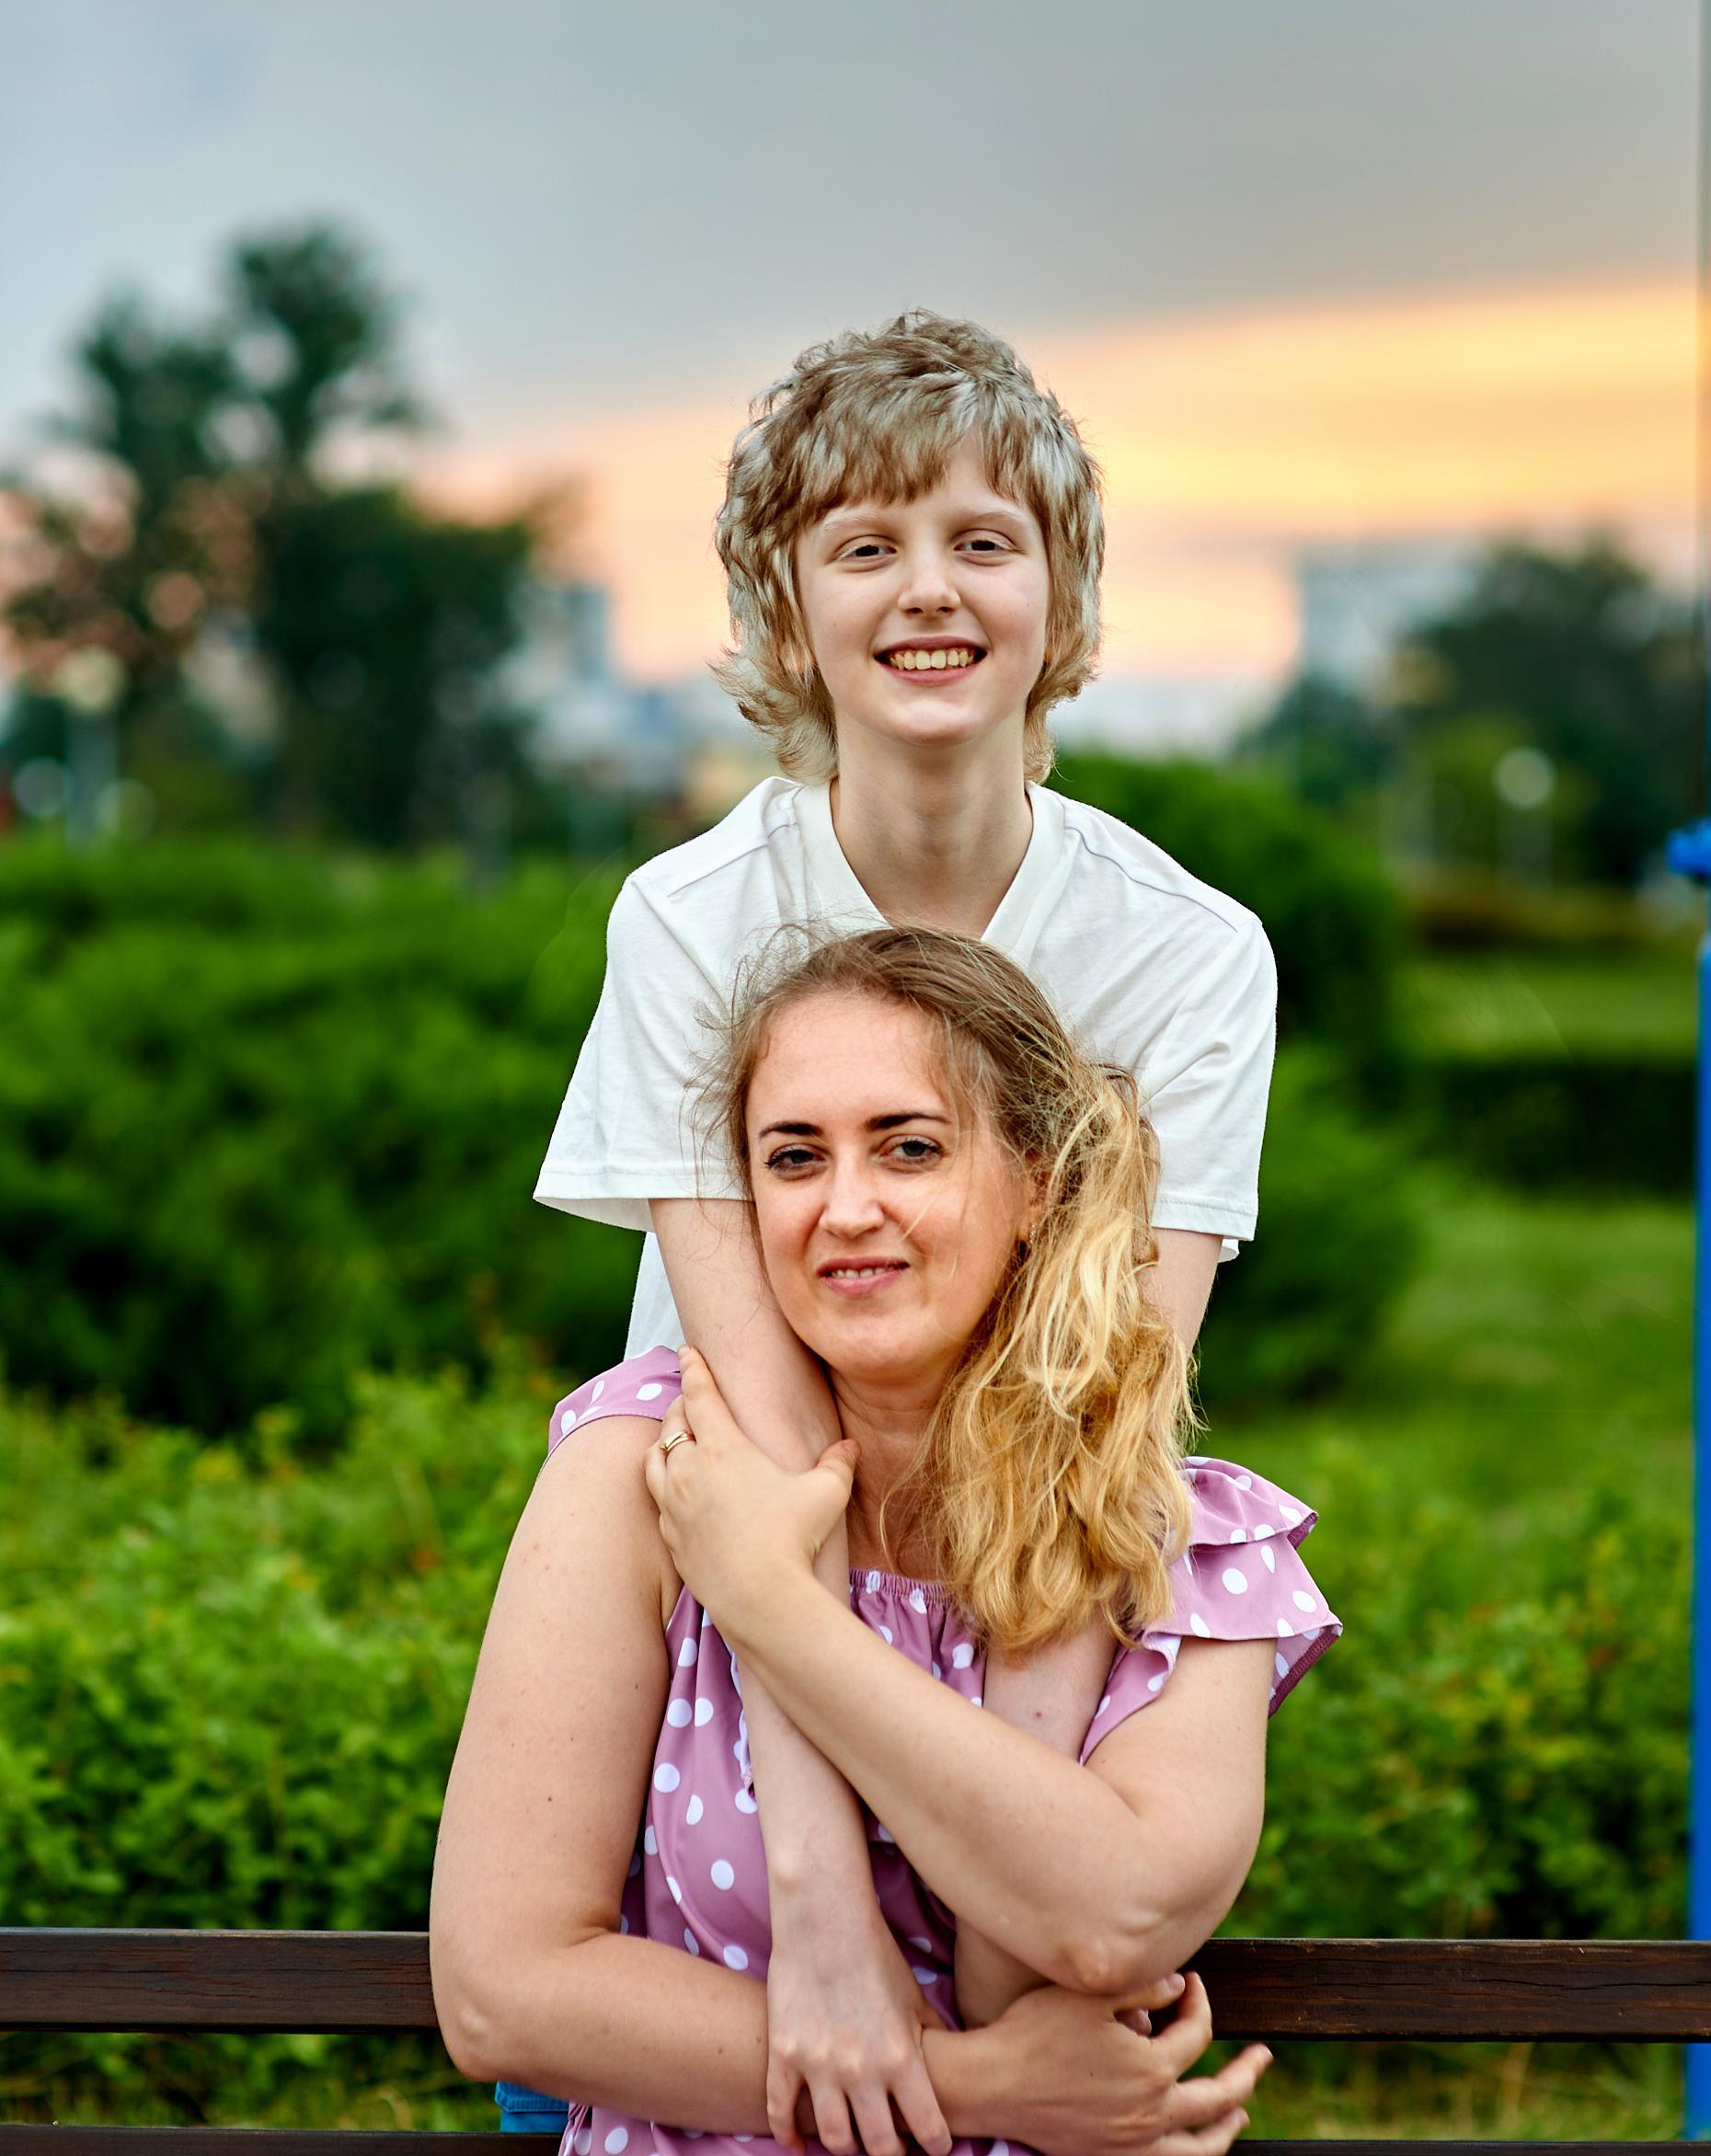 У Насти Нагорной прогрессирует онкология! Помогите спасти ребенка!